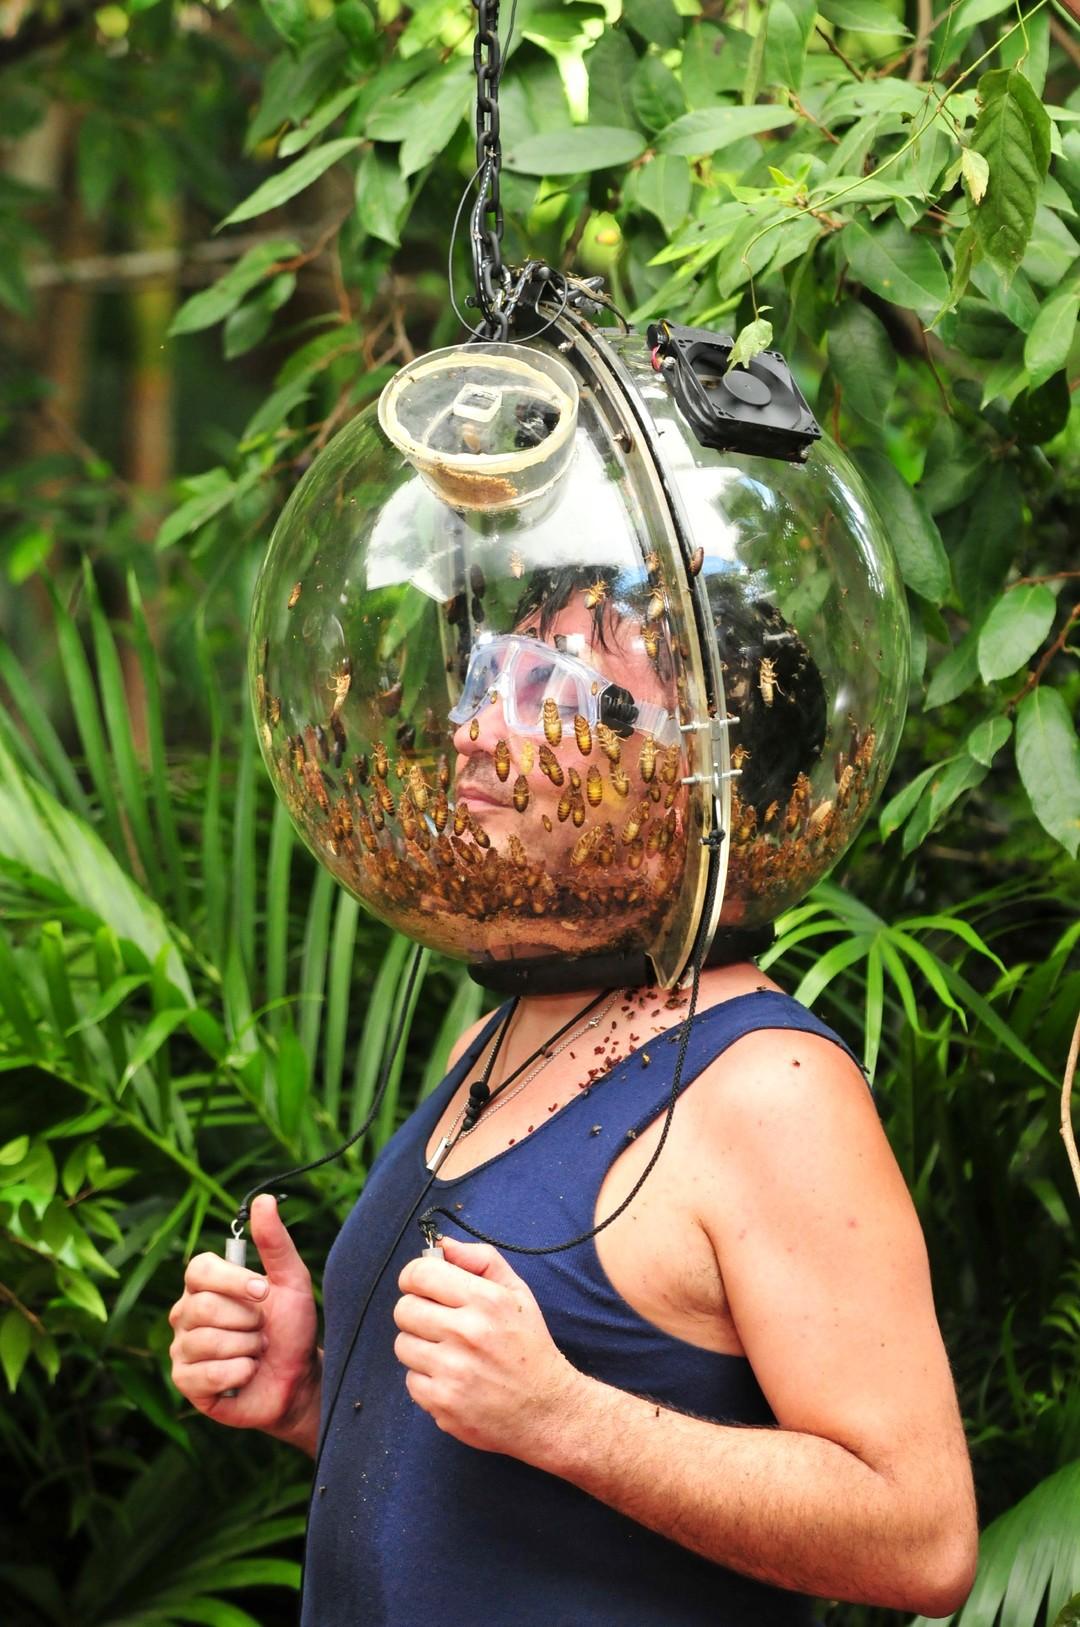 Dschungelcamp: Notfalleinsatz von Dr. Bob - Bild 15 von 65